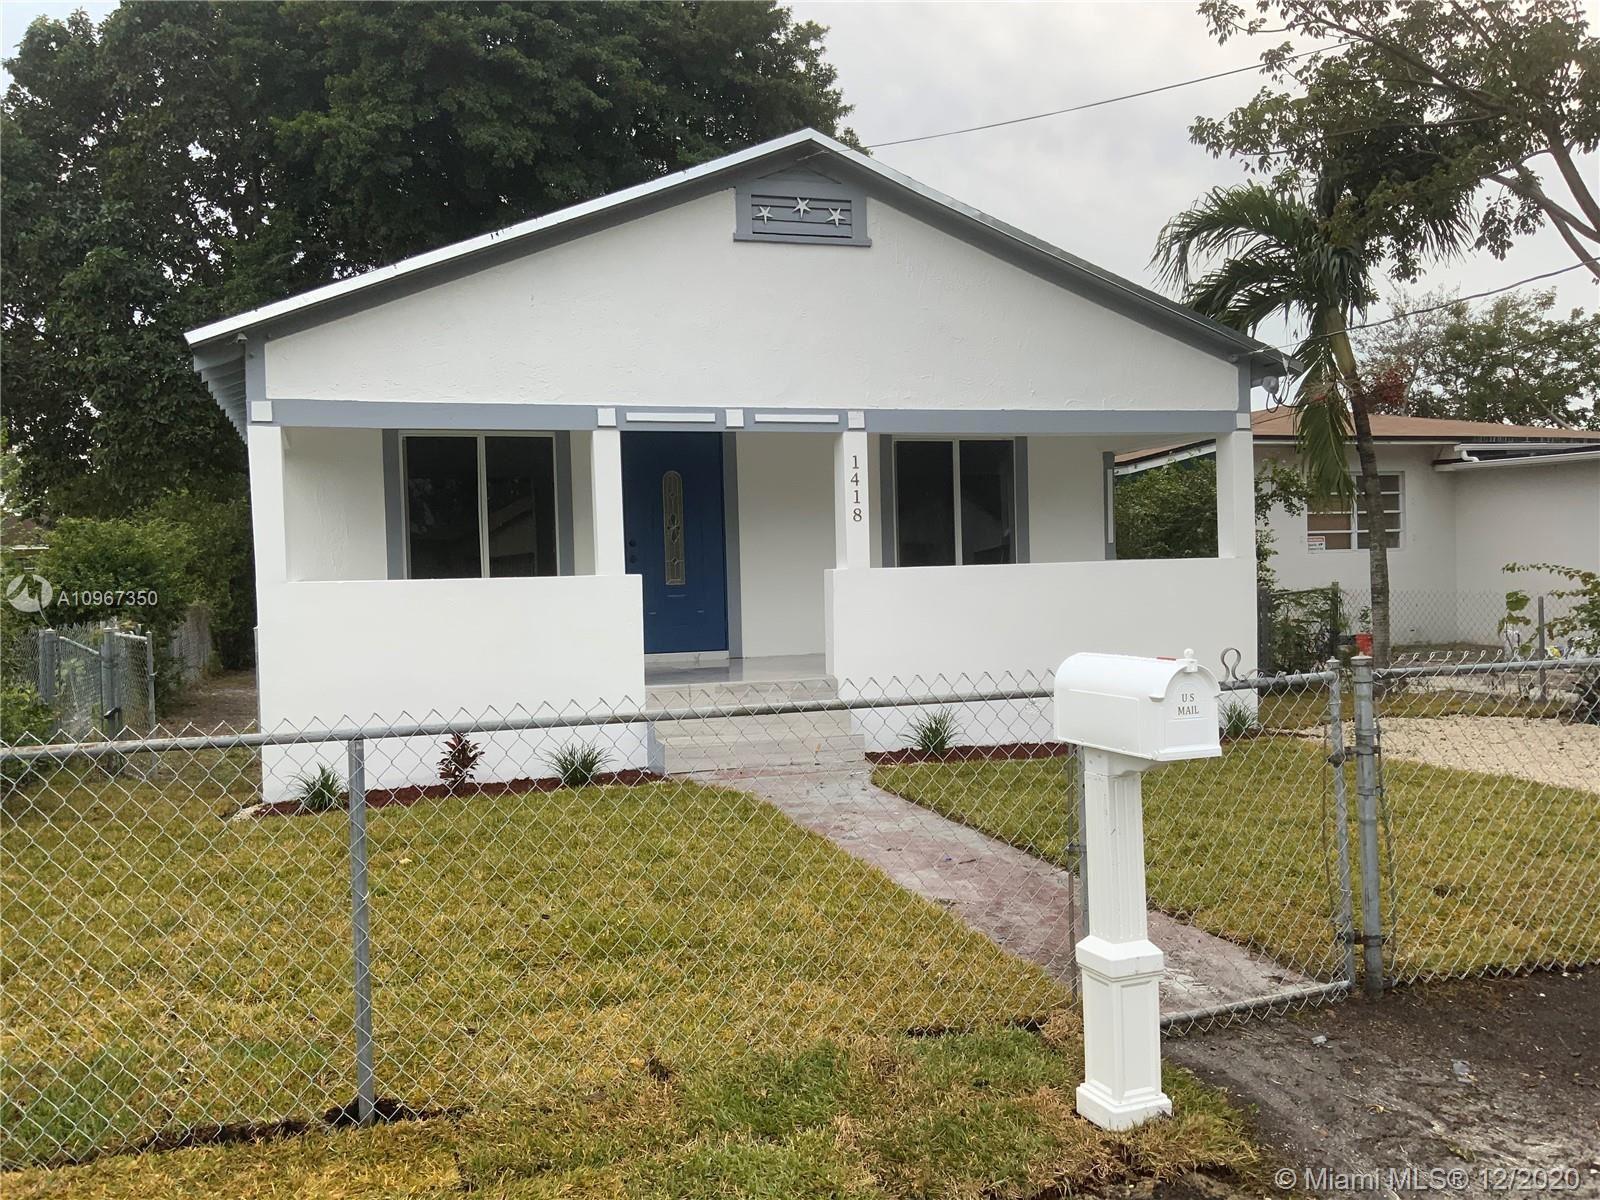 1418 NW 69th St, Miami, FL 33147 - #: A10967350